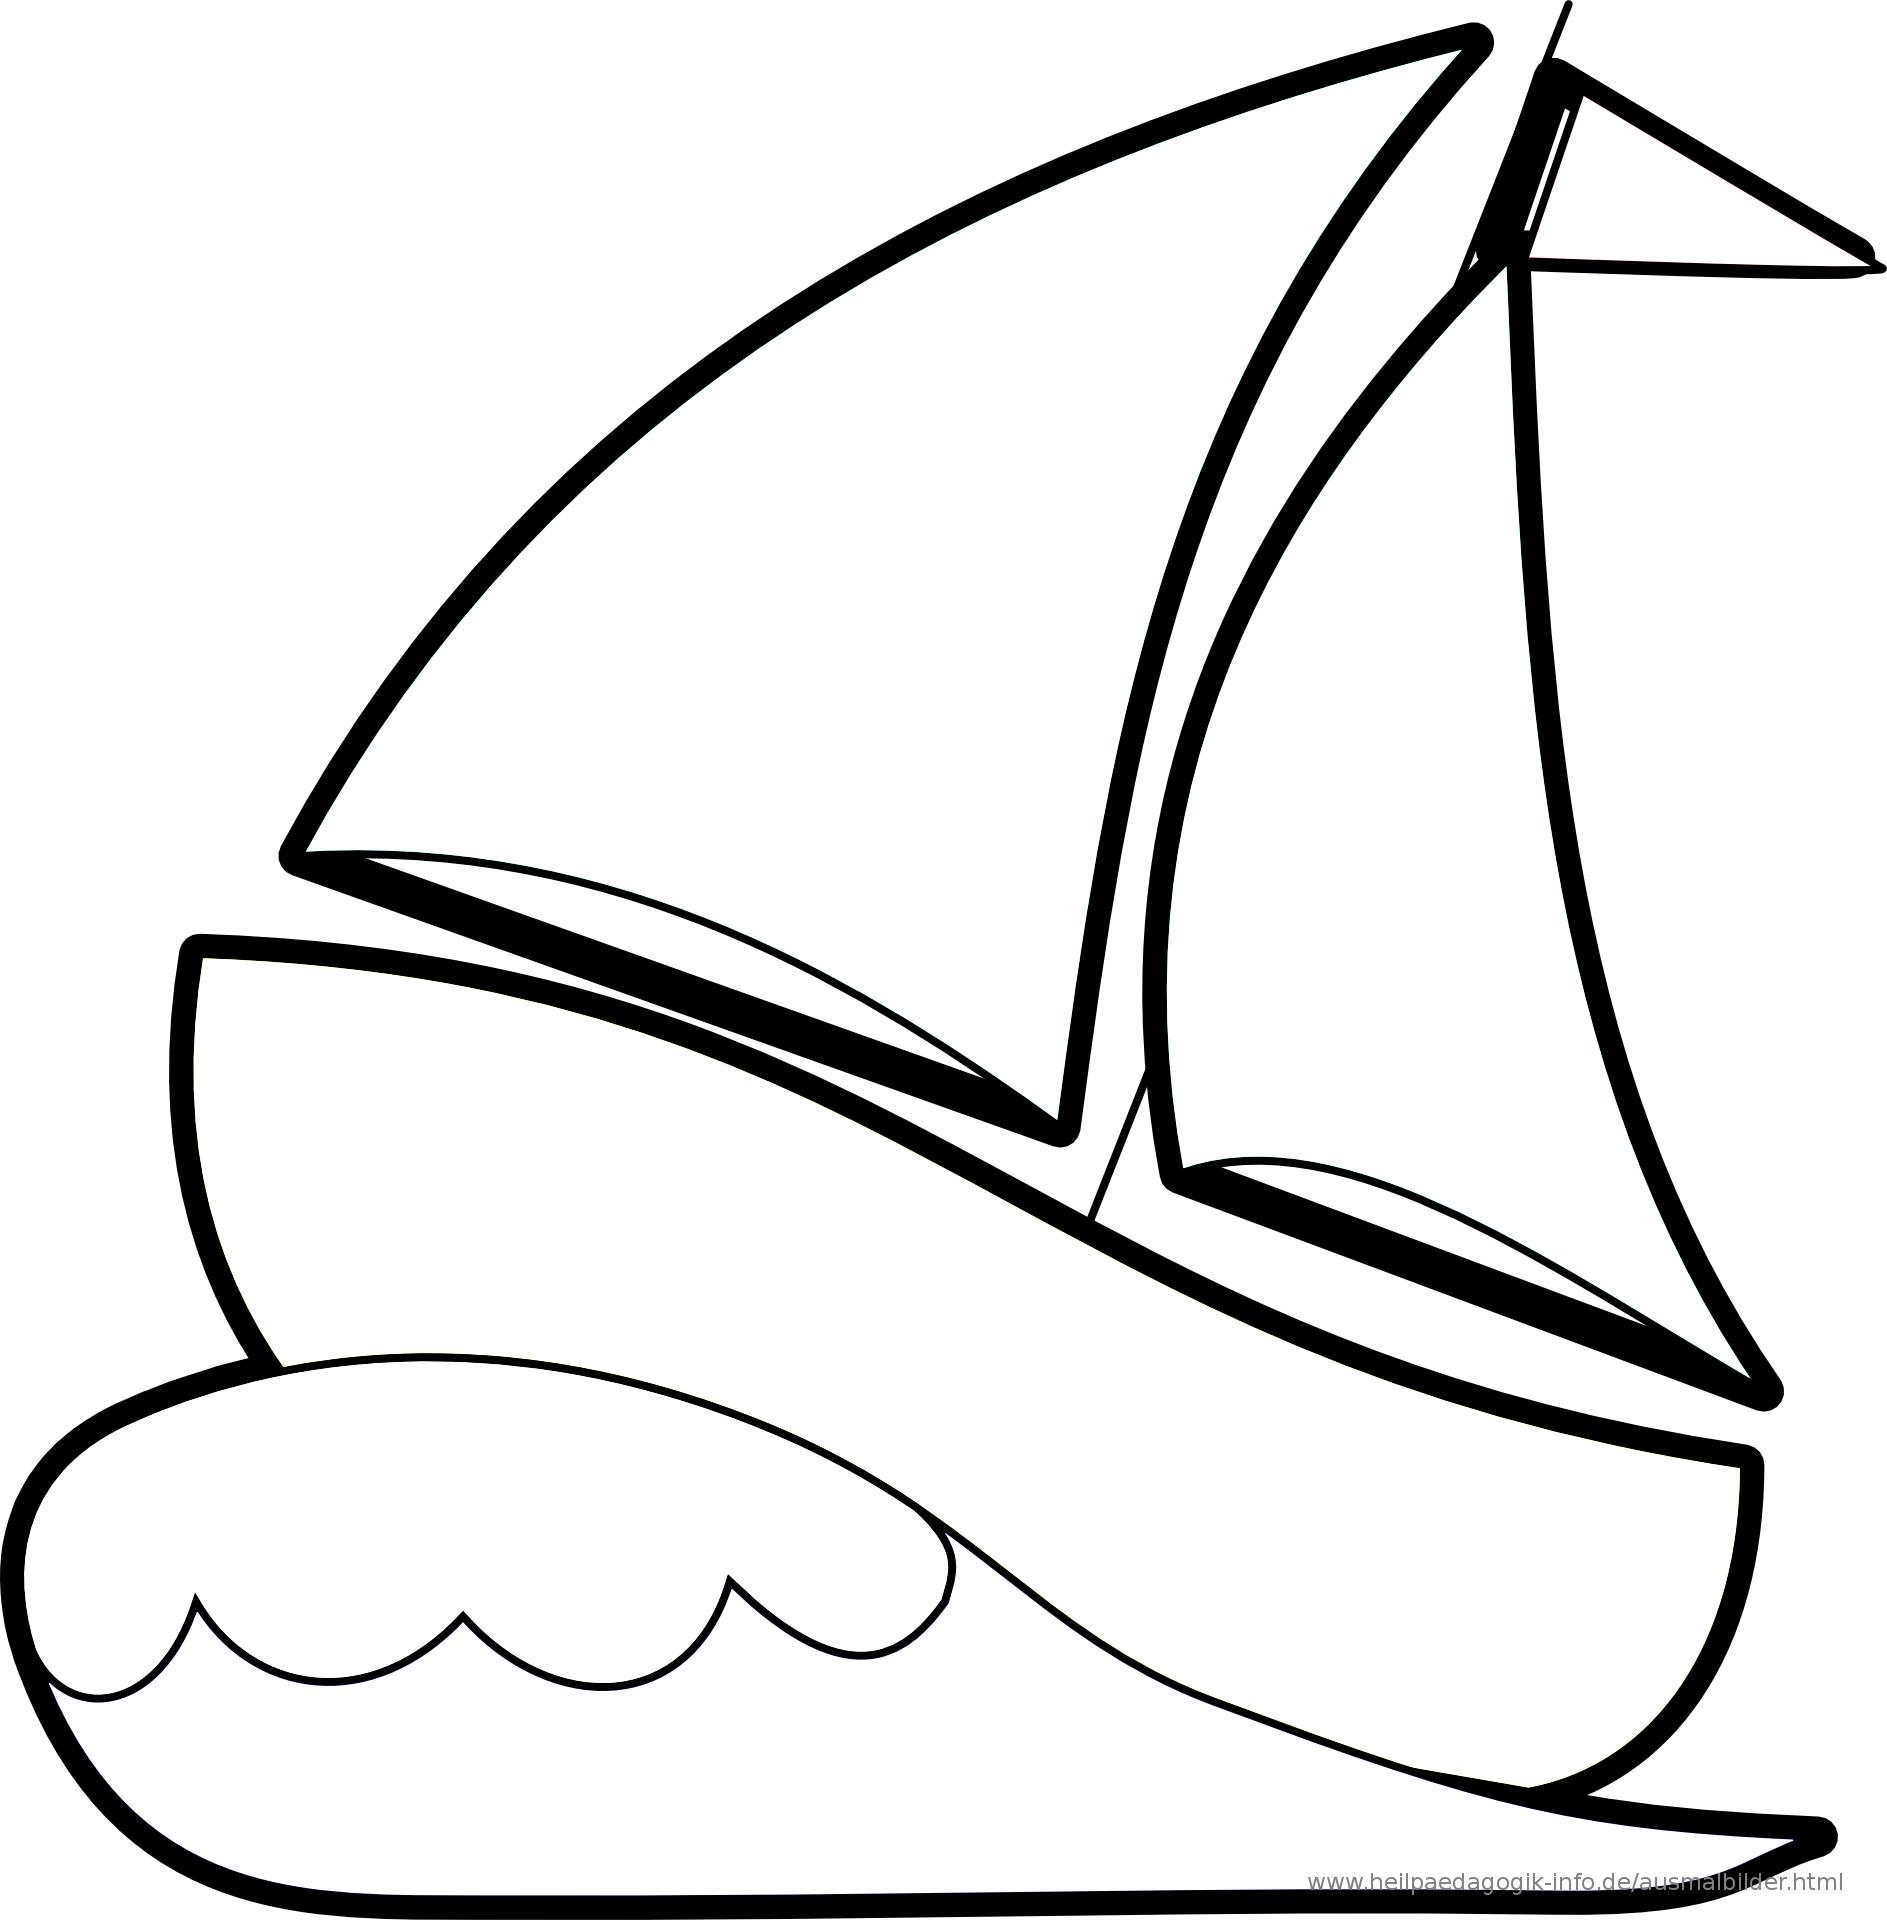 Ausmalbilder Schiffe Und Boote innen Ausmalbild Schiff